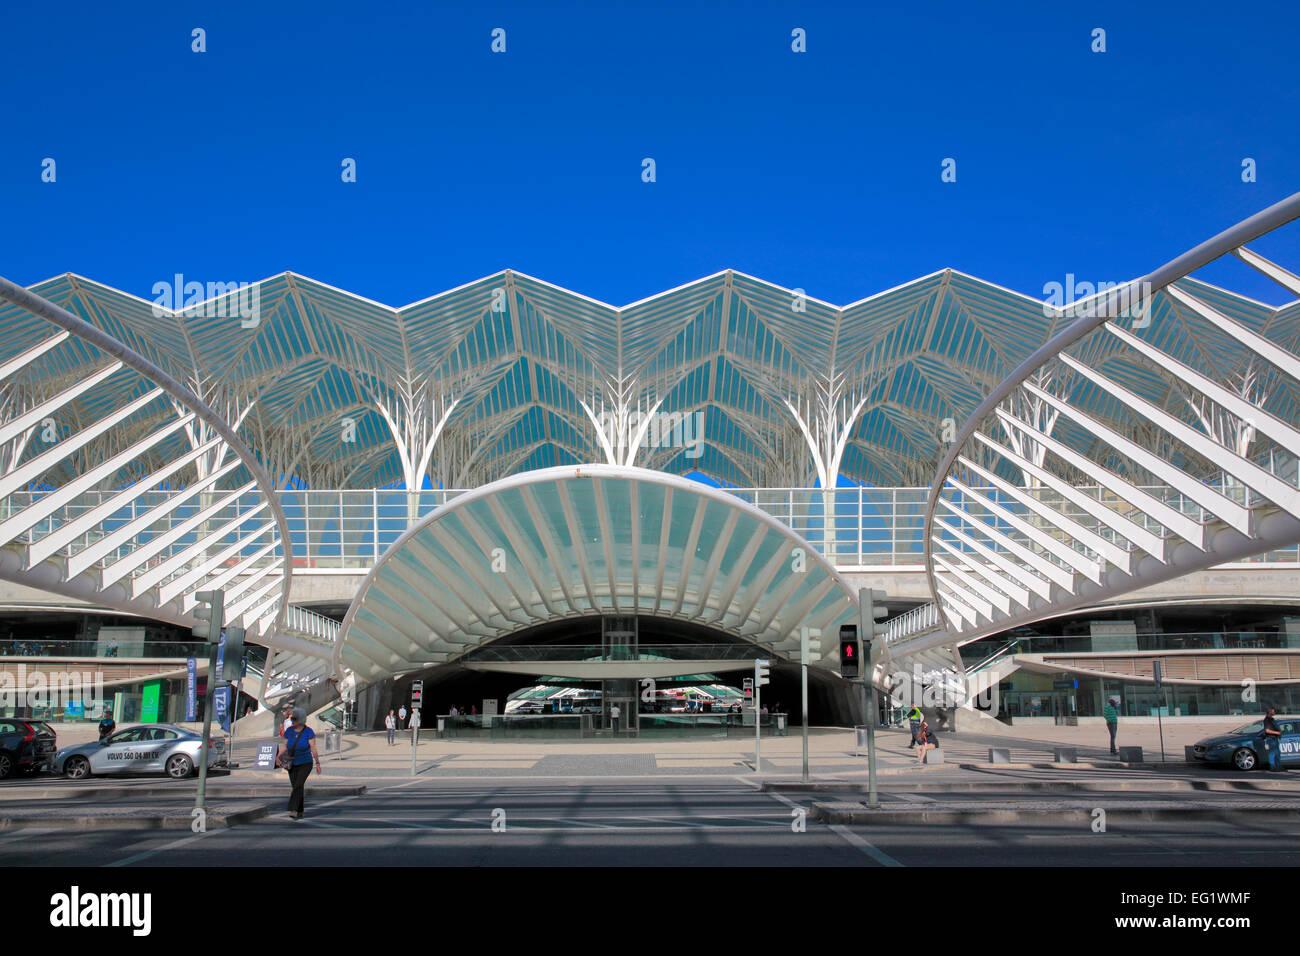 Oriente station gare do oriente modern architecture for Architektur lissabon